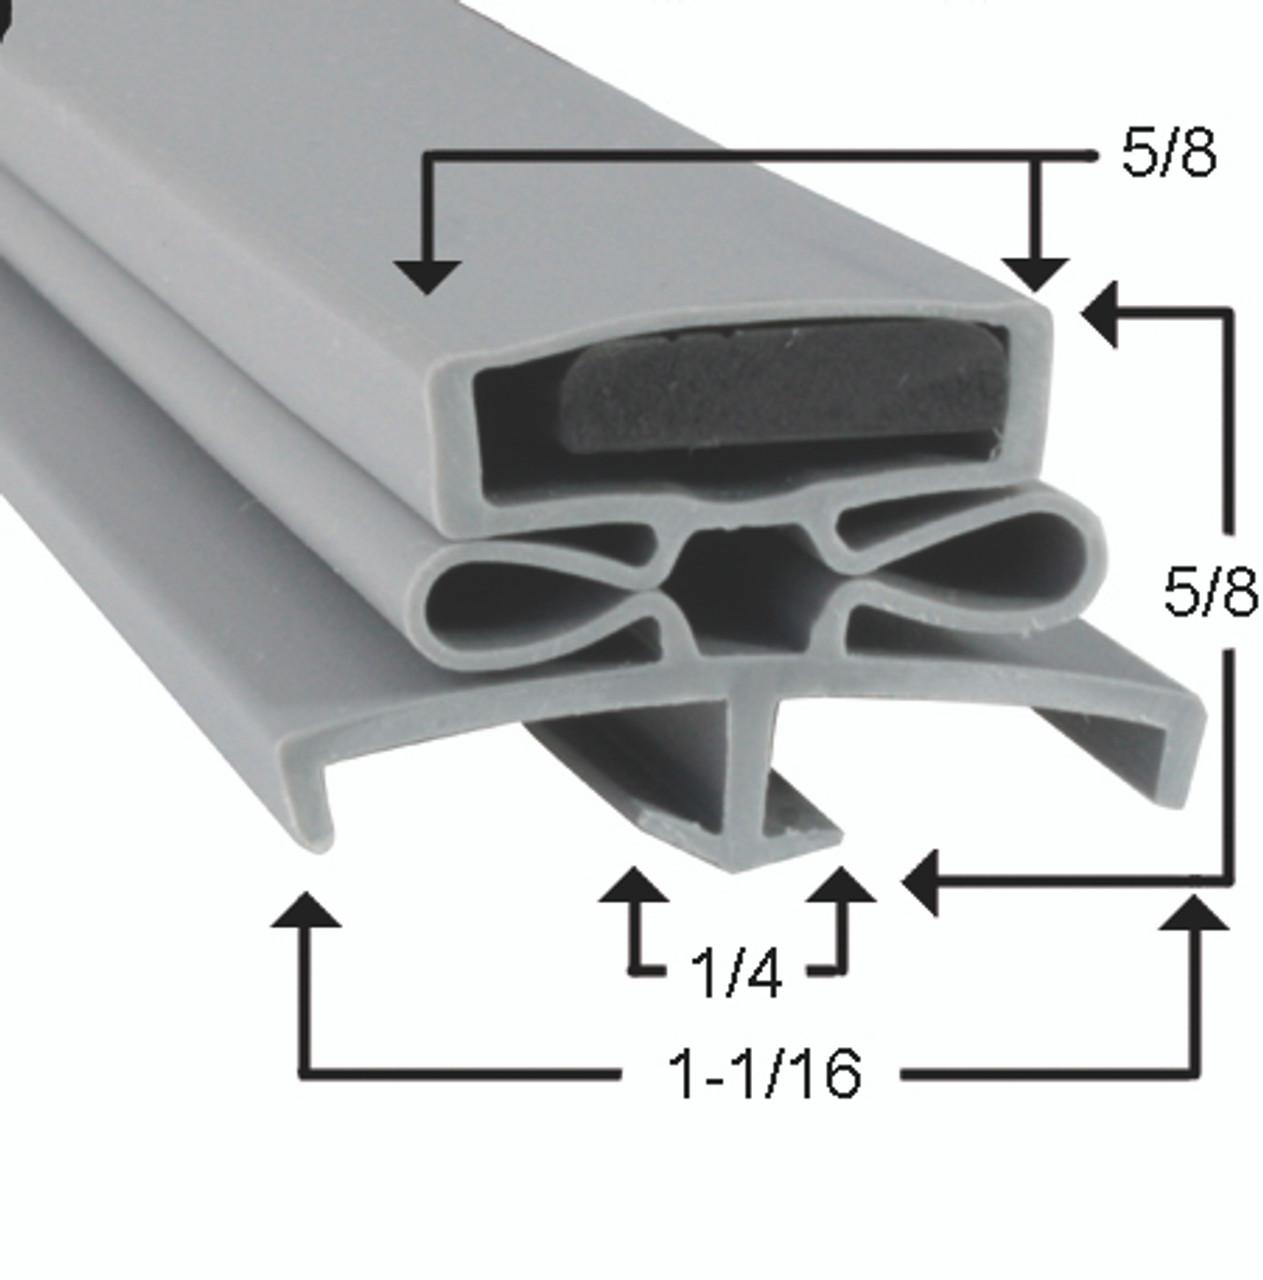 Star-Cooler-and-Freezer-Door-Gasket-Style-9527-24-5-8-x-26-3-4_2